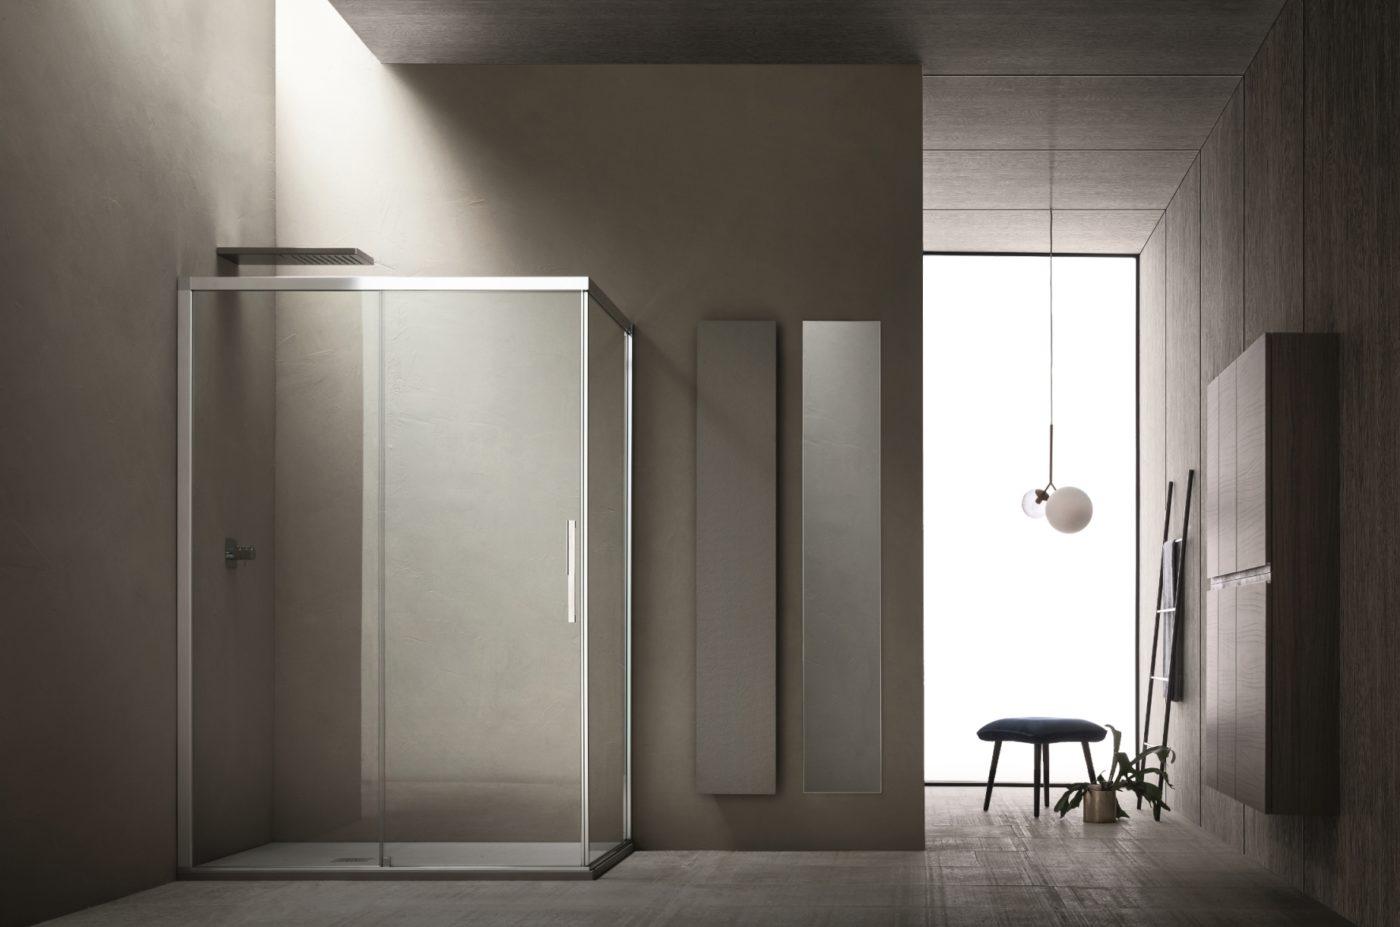 Cabine Doccia Complete : Sistema di chiusura doccia sirio di arblu eleganza e funzionalità